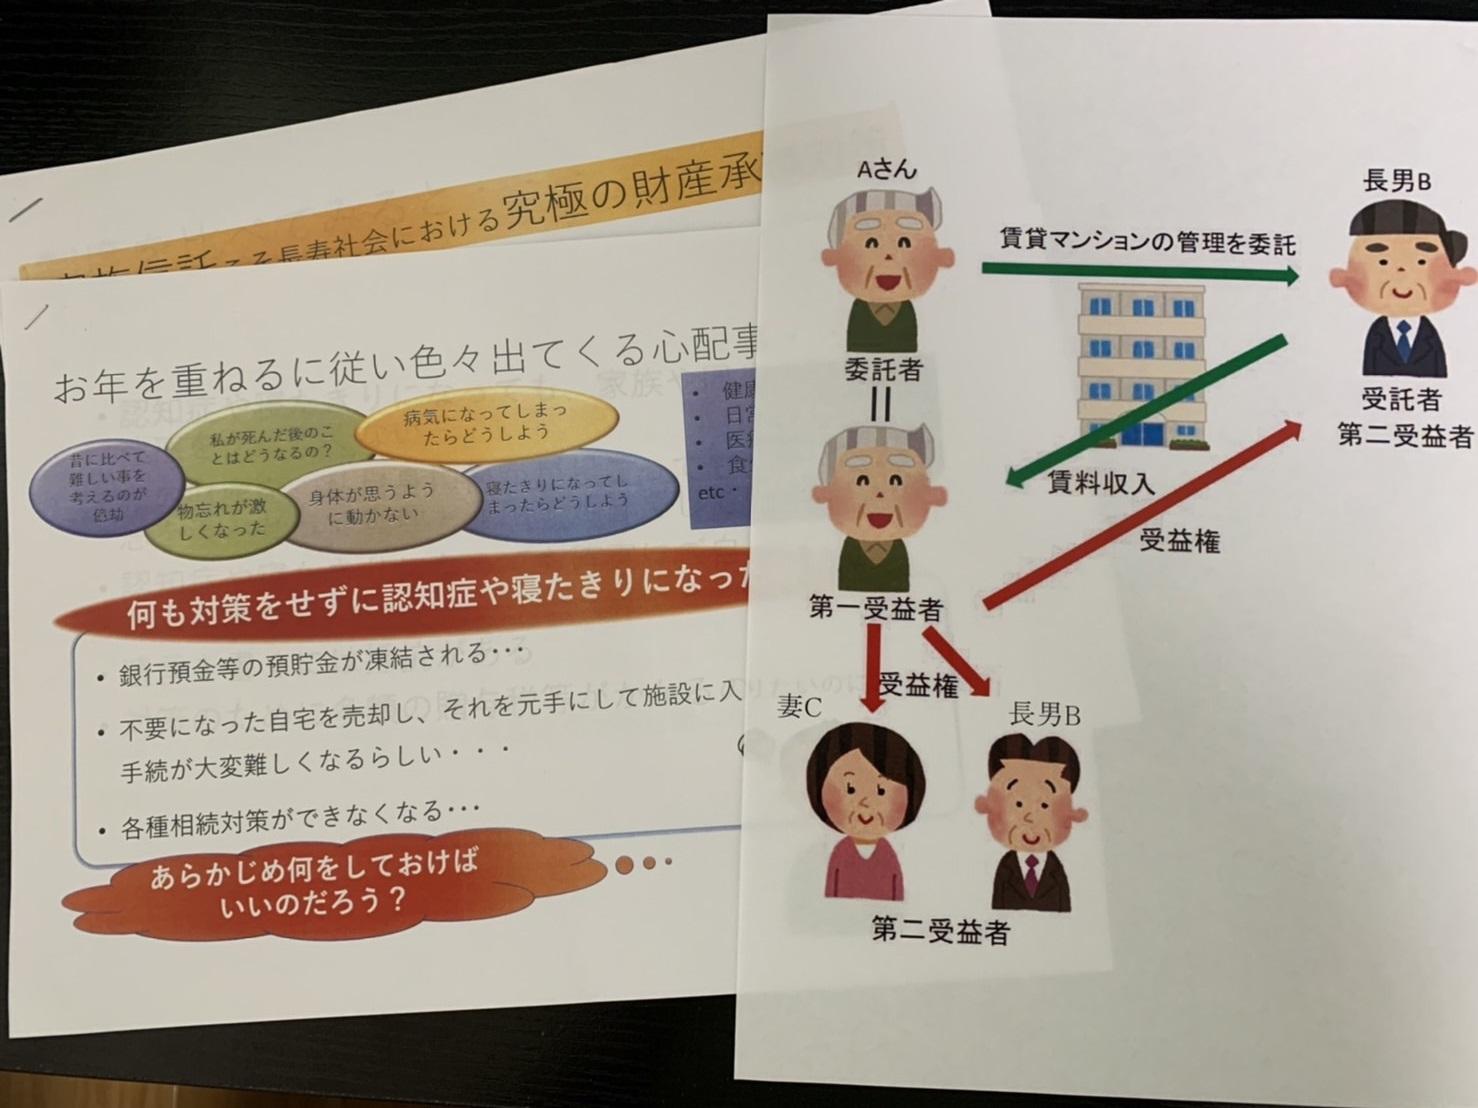 第695回例会(卓話:ペルル司法所事務所 髙谷亜希子様)